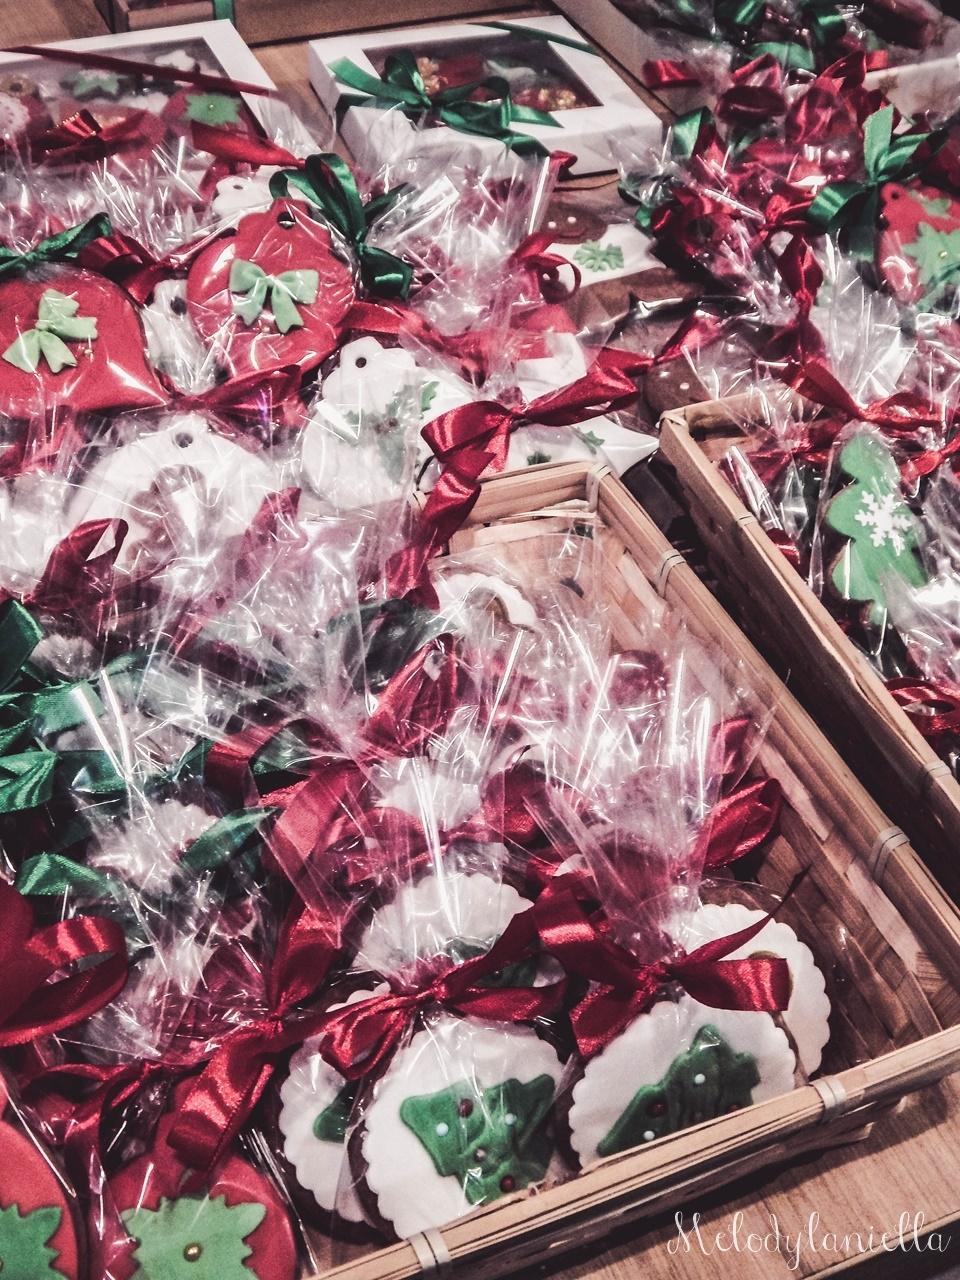 3  nietypowy jarmark świąteczny piotrkowska 217 co dzieje się w łodzi dwukropek ogrody zofii bożonarodzeniowy jarmark targ świąteczny świat z lukru pierniki świąteczne łódź biżuteria handmade piando zigner